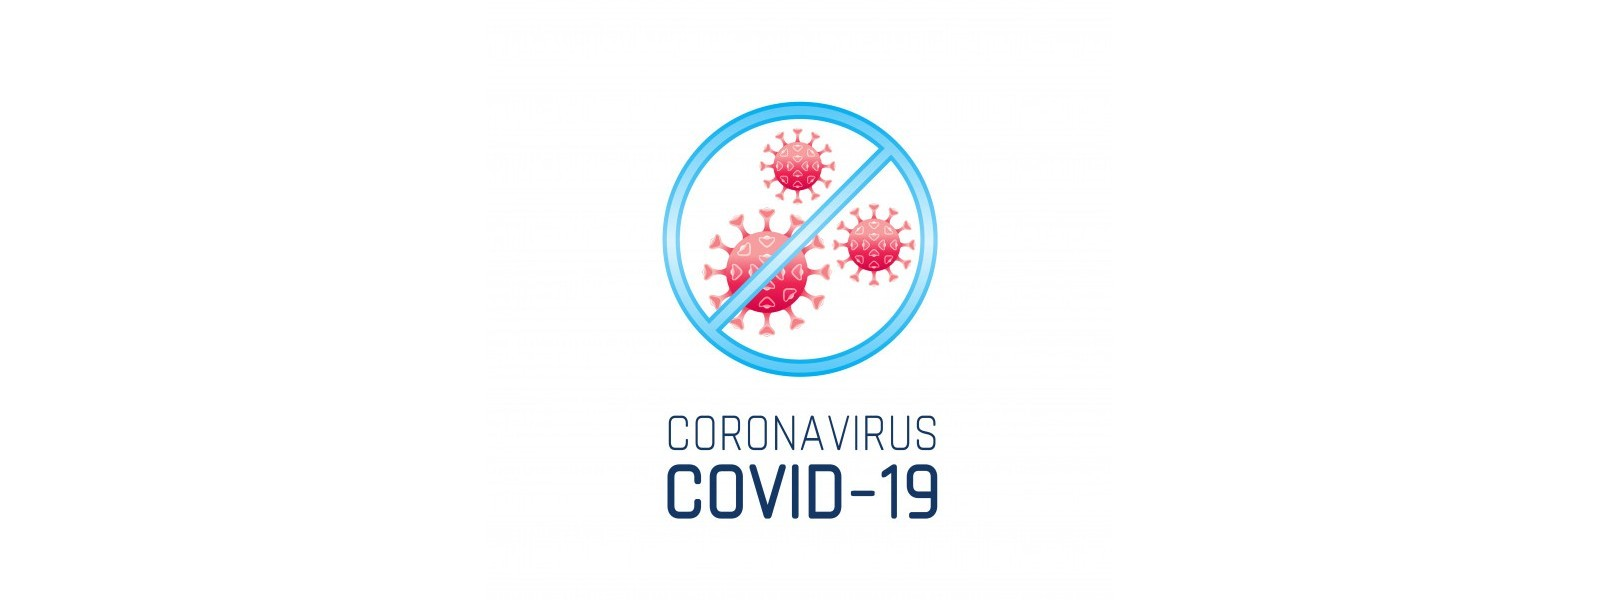 COVID: உயிரிழப்பு 7,750 ஆக அதிகரிப்பு, இதுவரை 3,98,801 பேருக்கு தொற்று